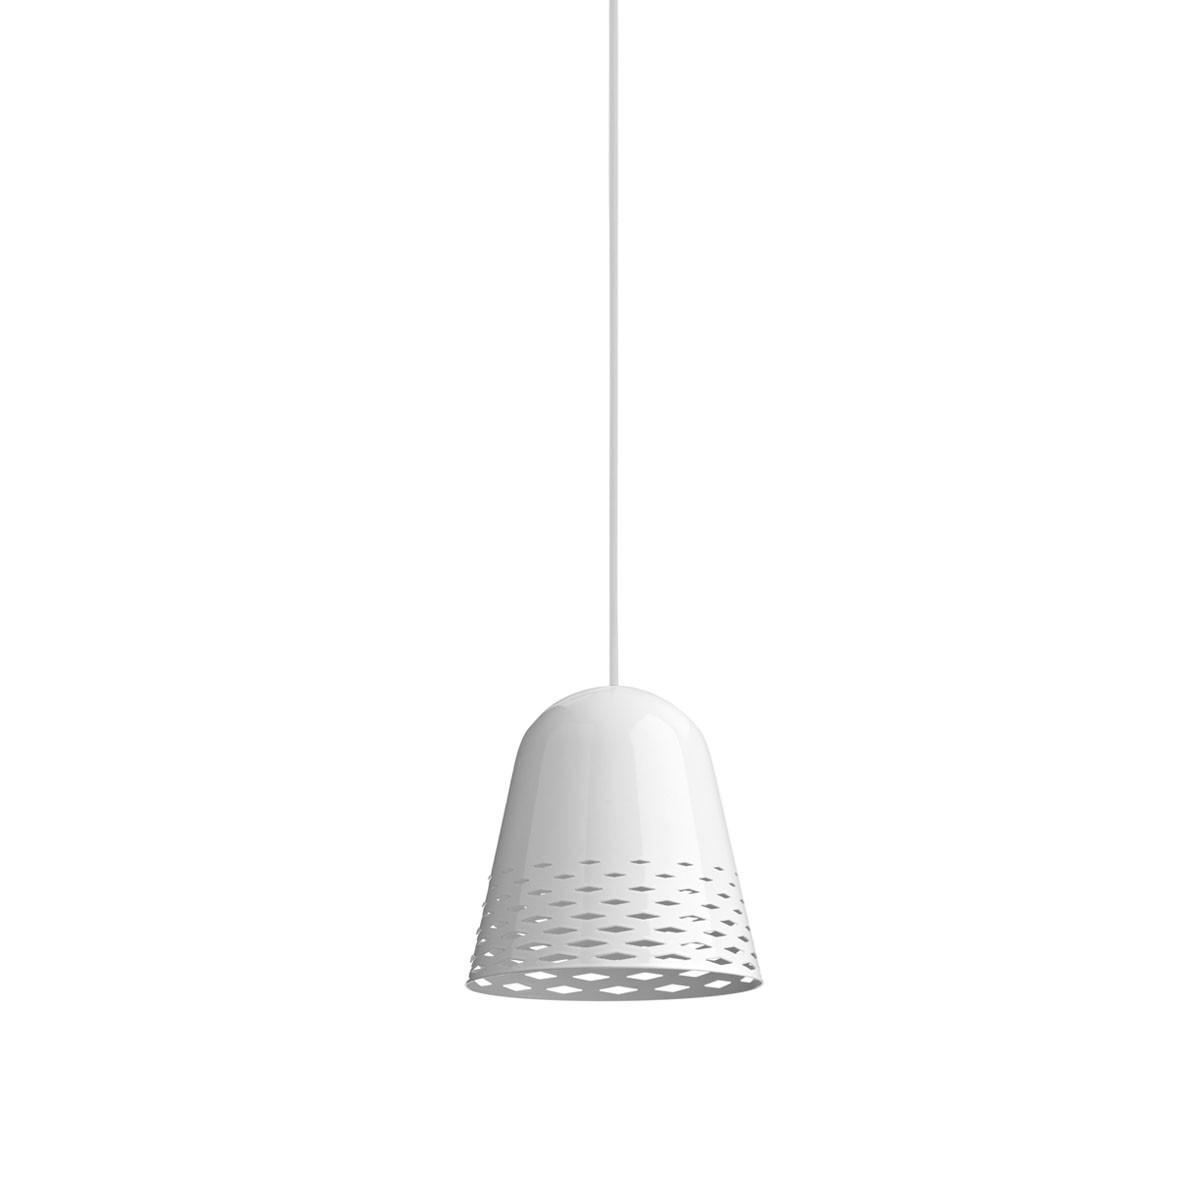 Rotaliana Capri H3 Pendelleuchte, Schirm: weiß glänzend, innen weiß matt, Kabel: weiß